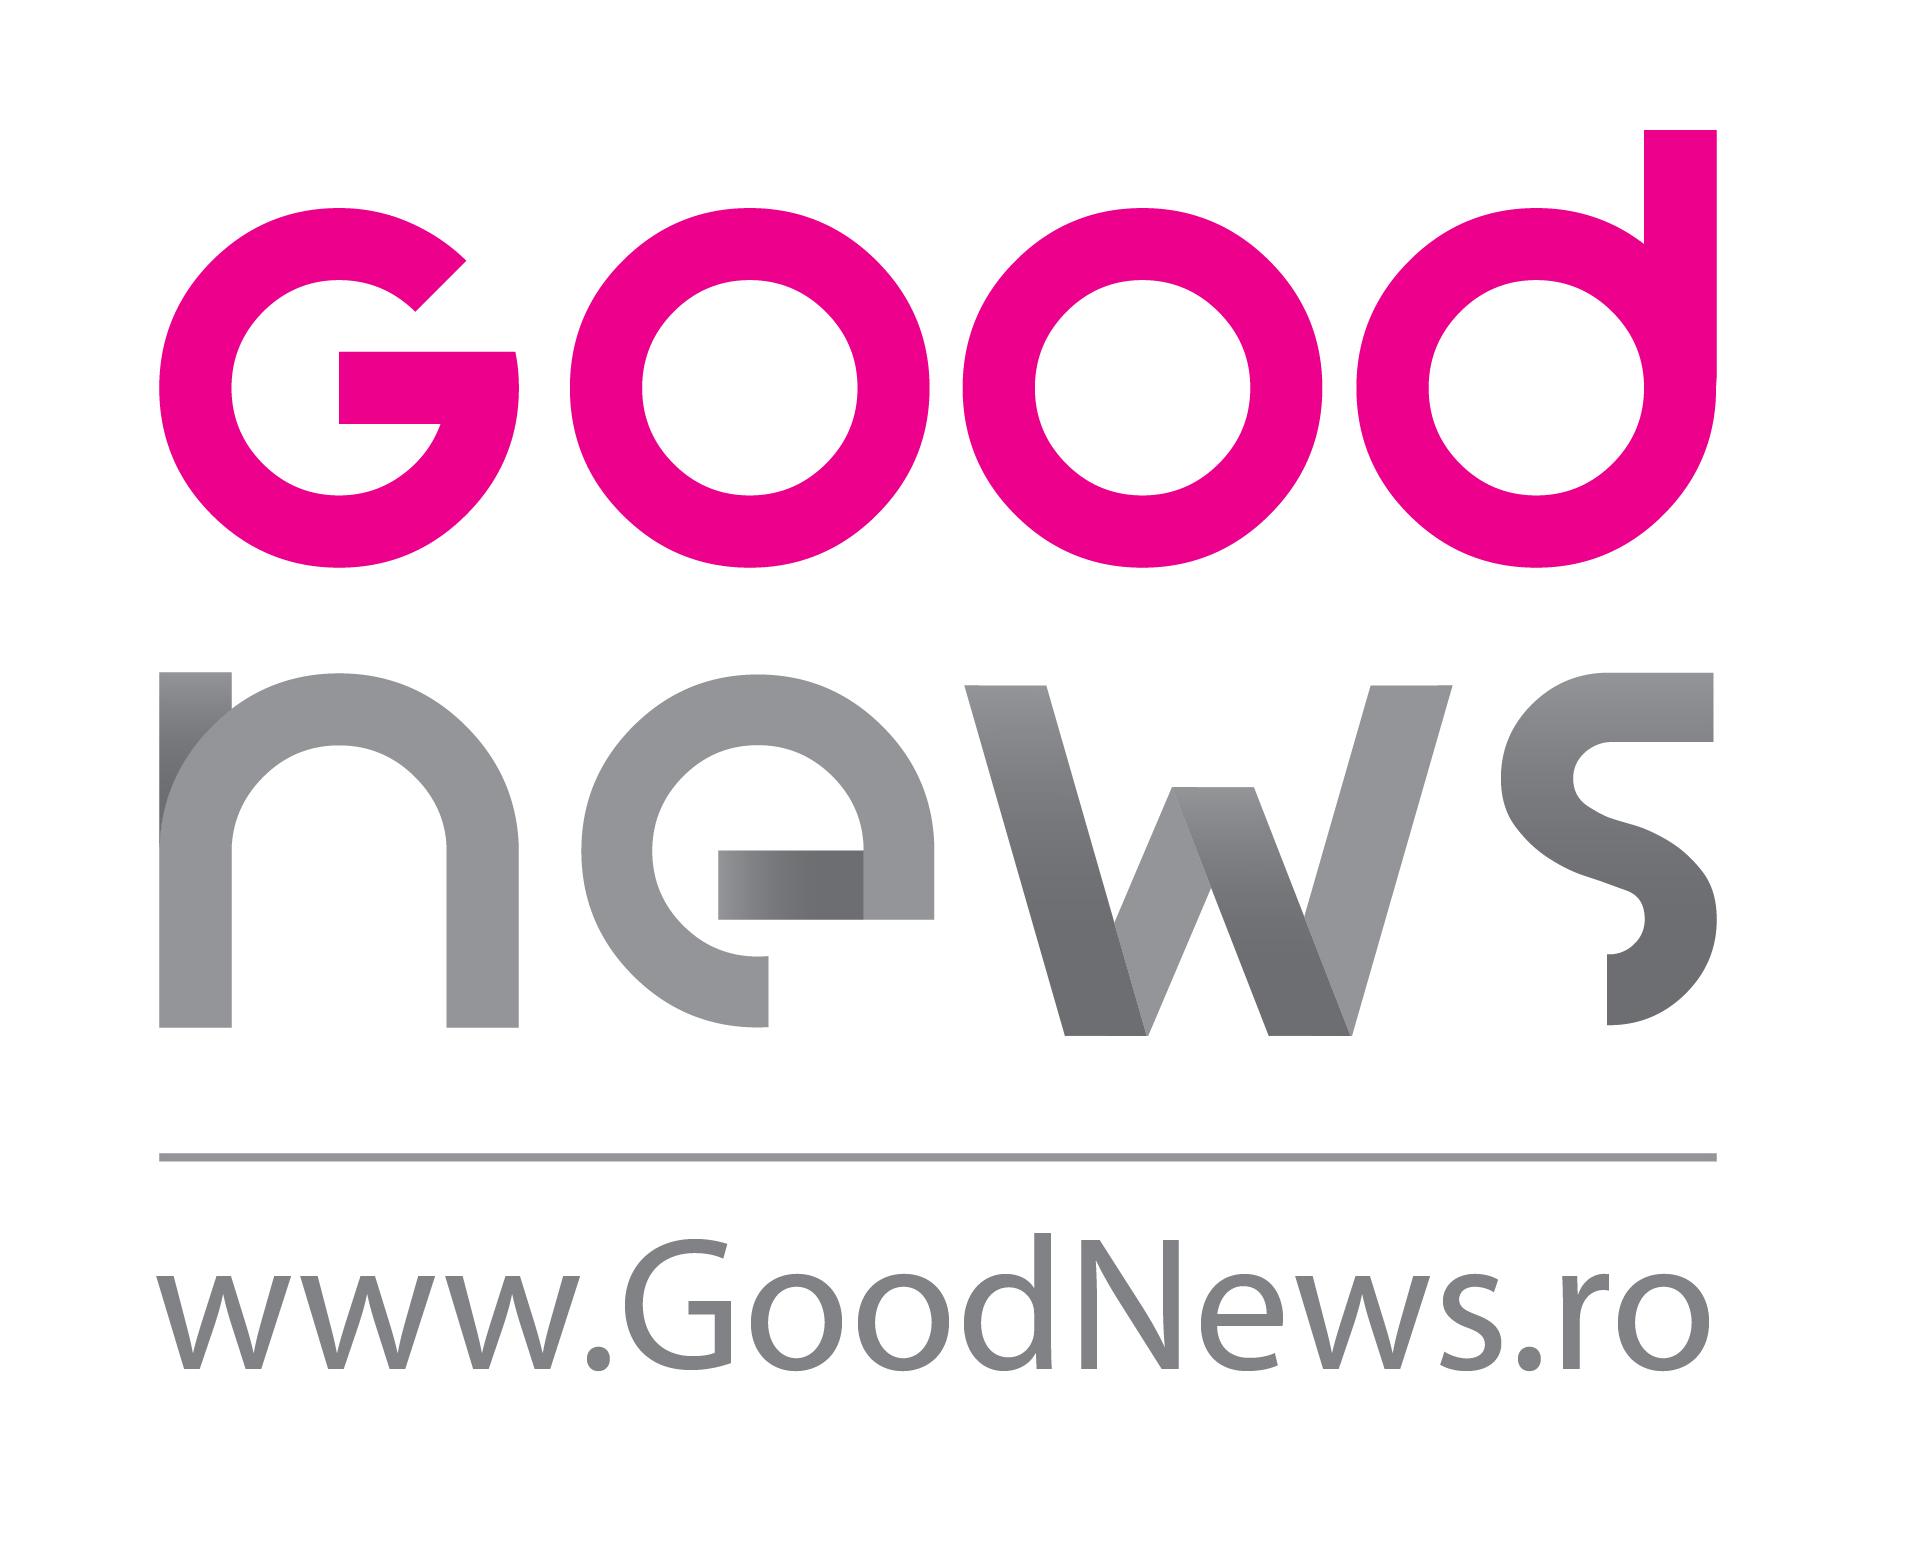 Goodnews NOU